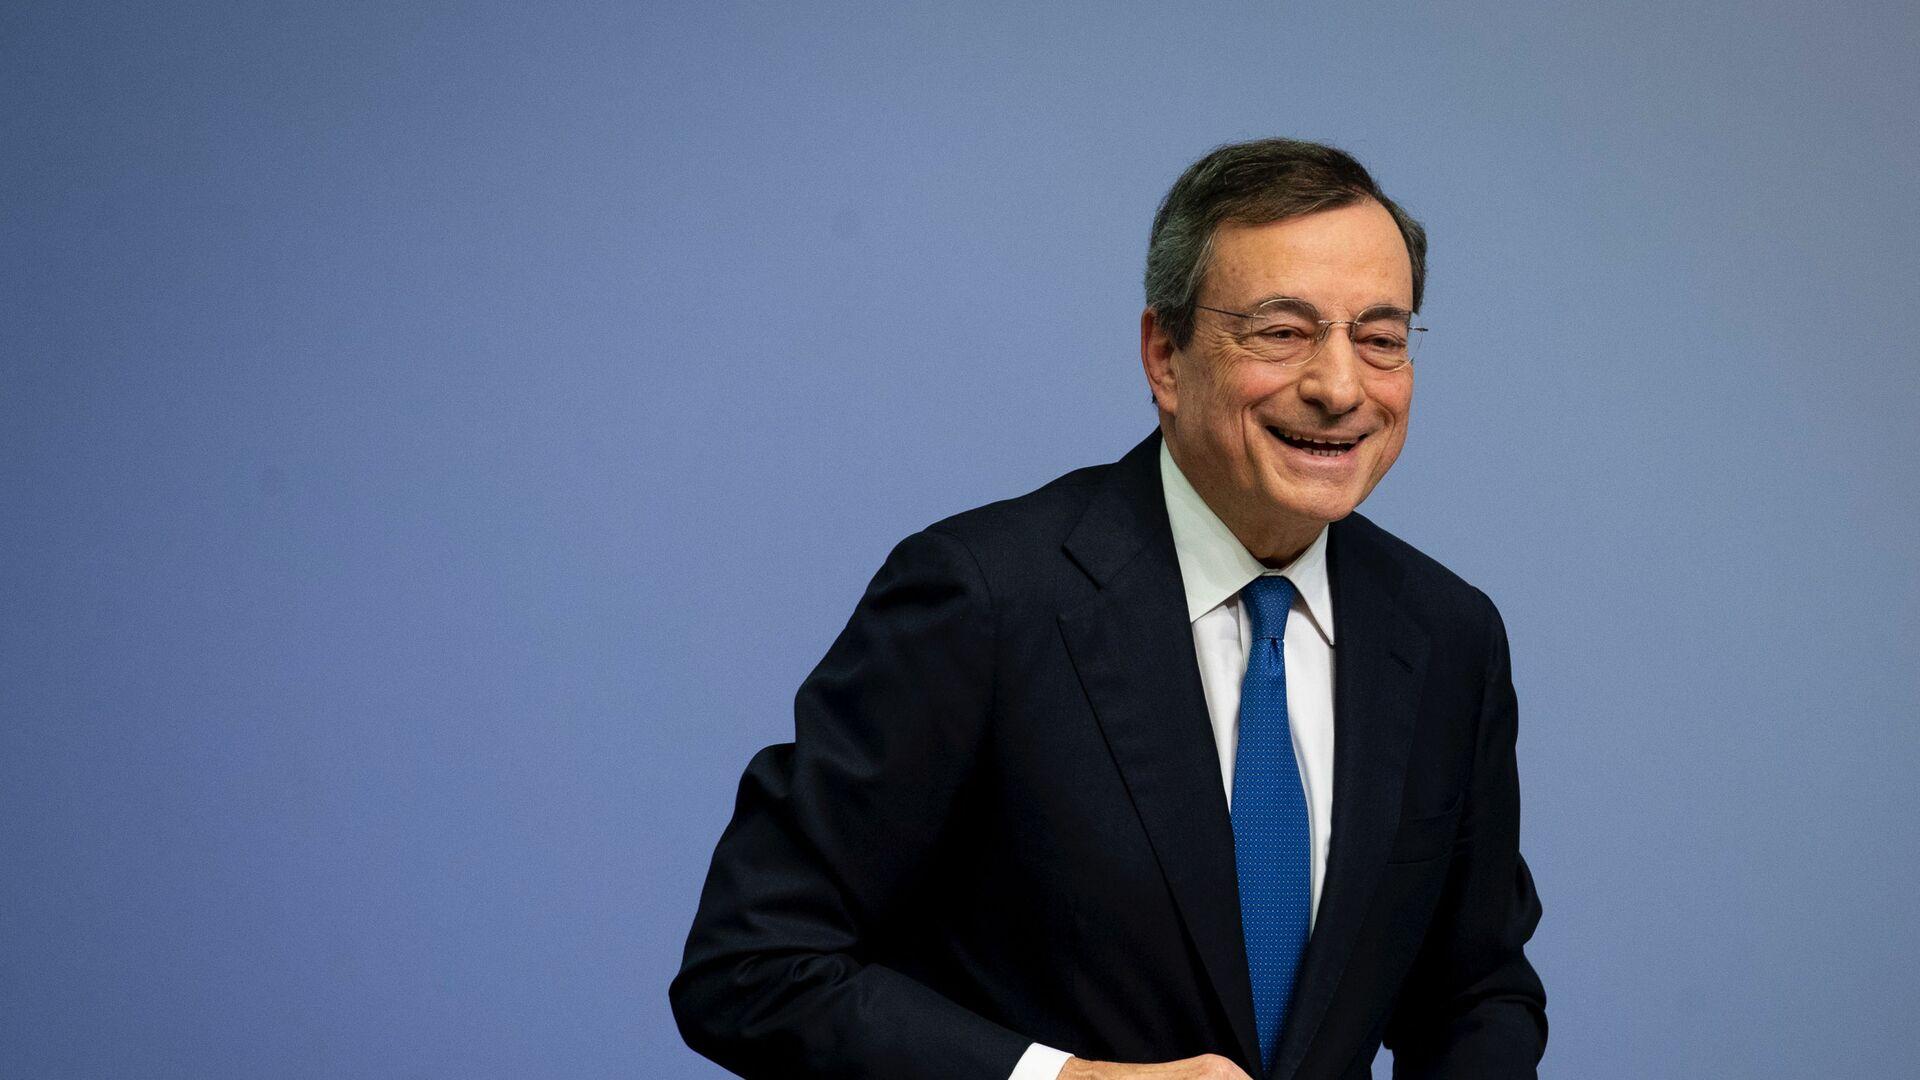 Mario Draghi dopo una conferenza stampa a Francoforte - Sputnik Italia, 1920, 05.02.2021